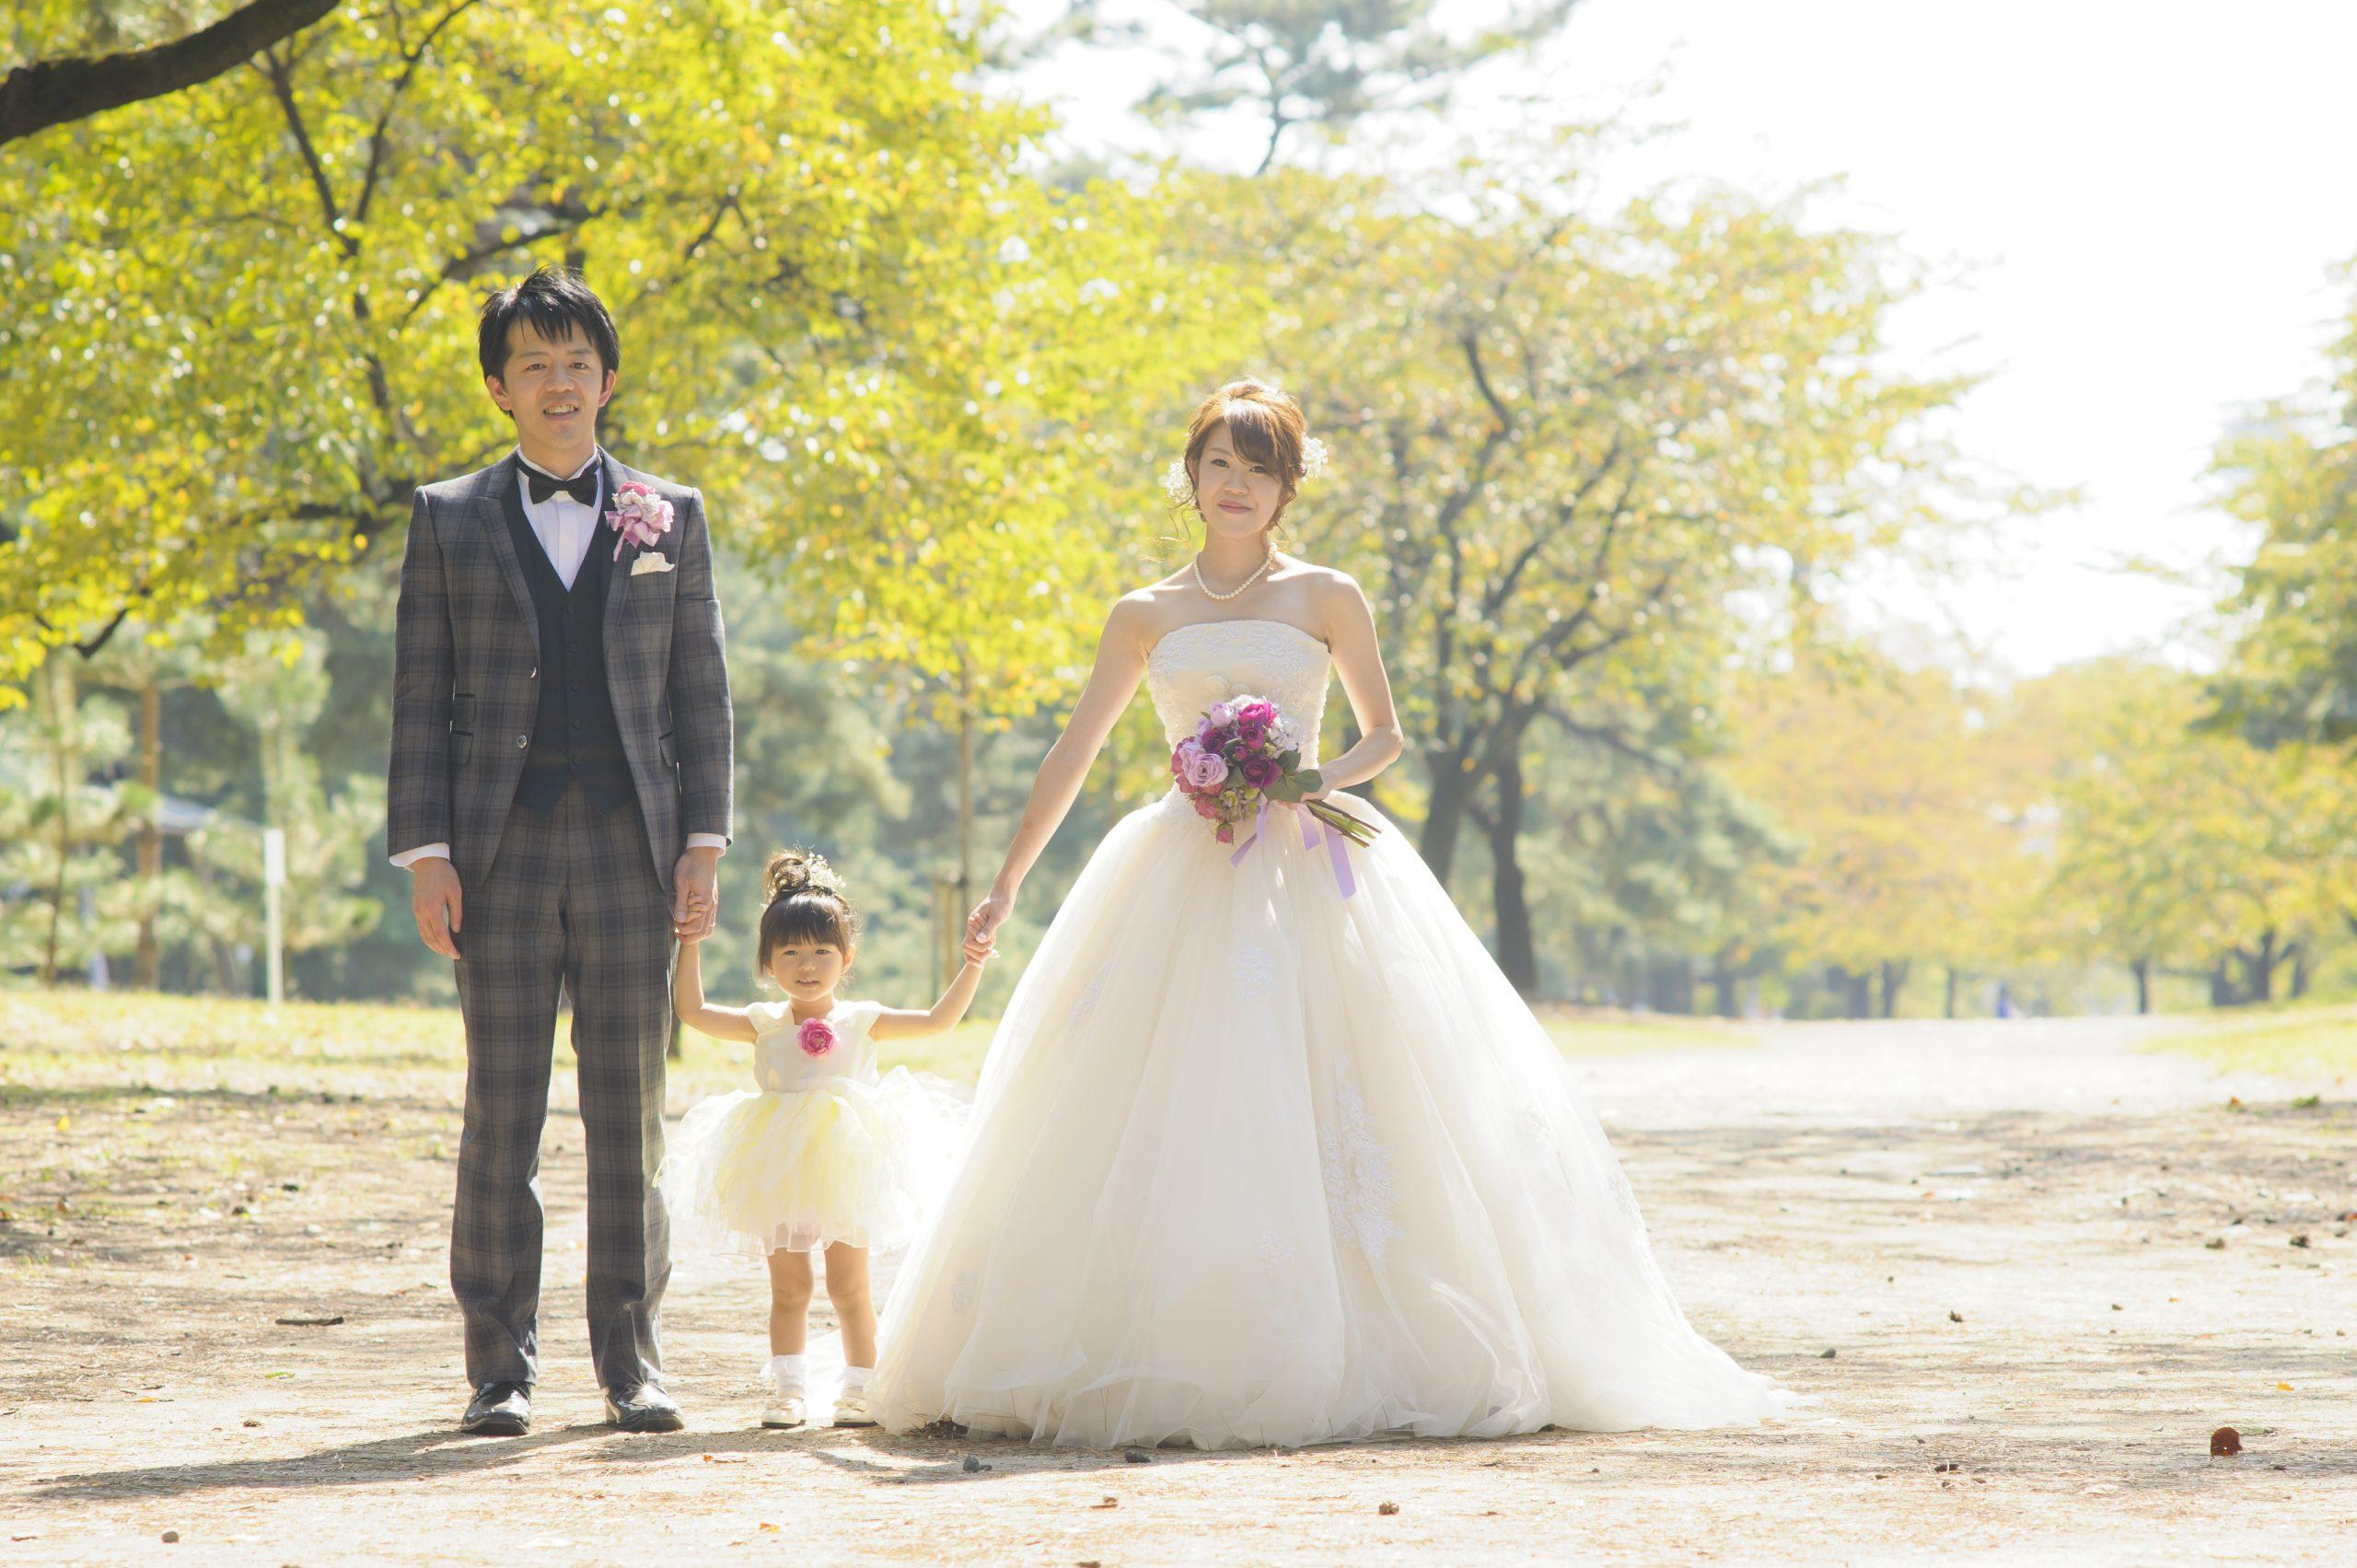 【申込から6か月以内】パパママ&マタニティおススメ!お急ぎ婚プラン